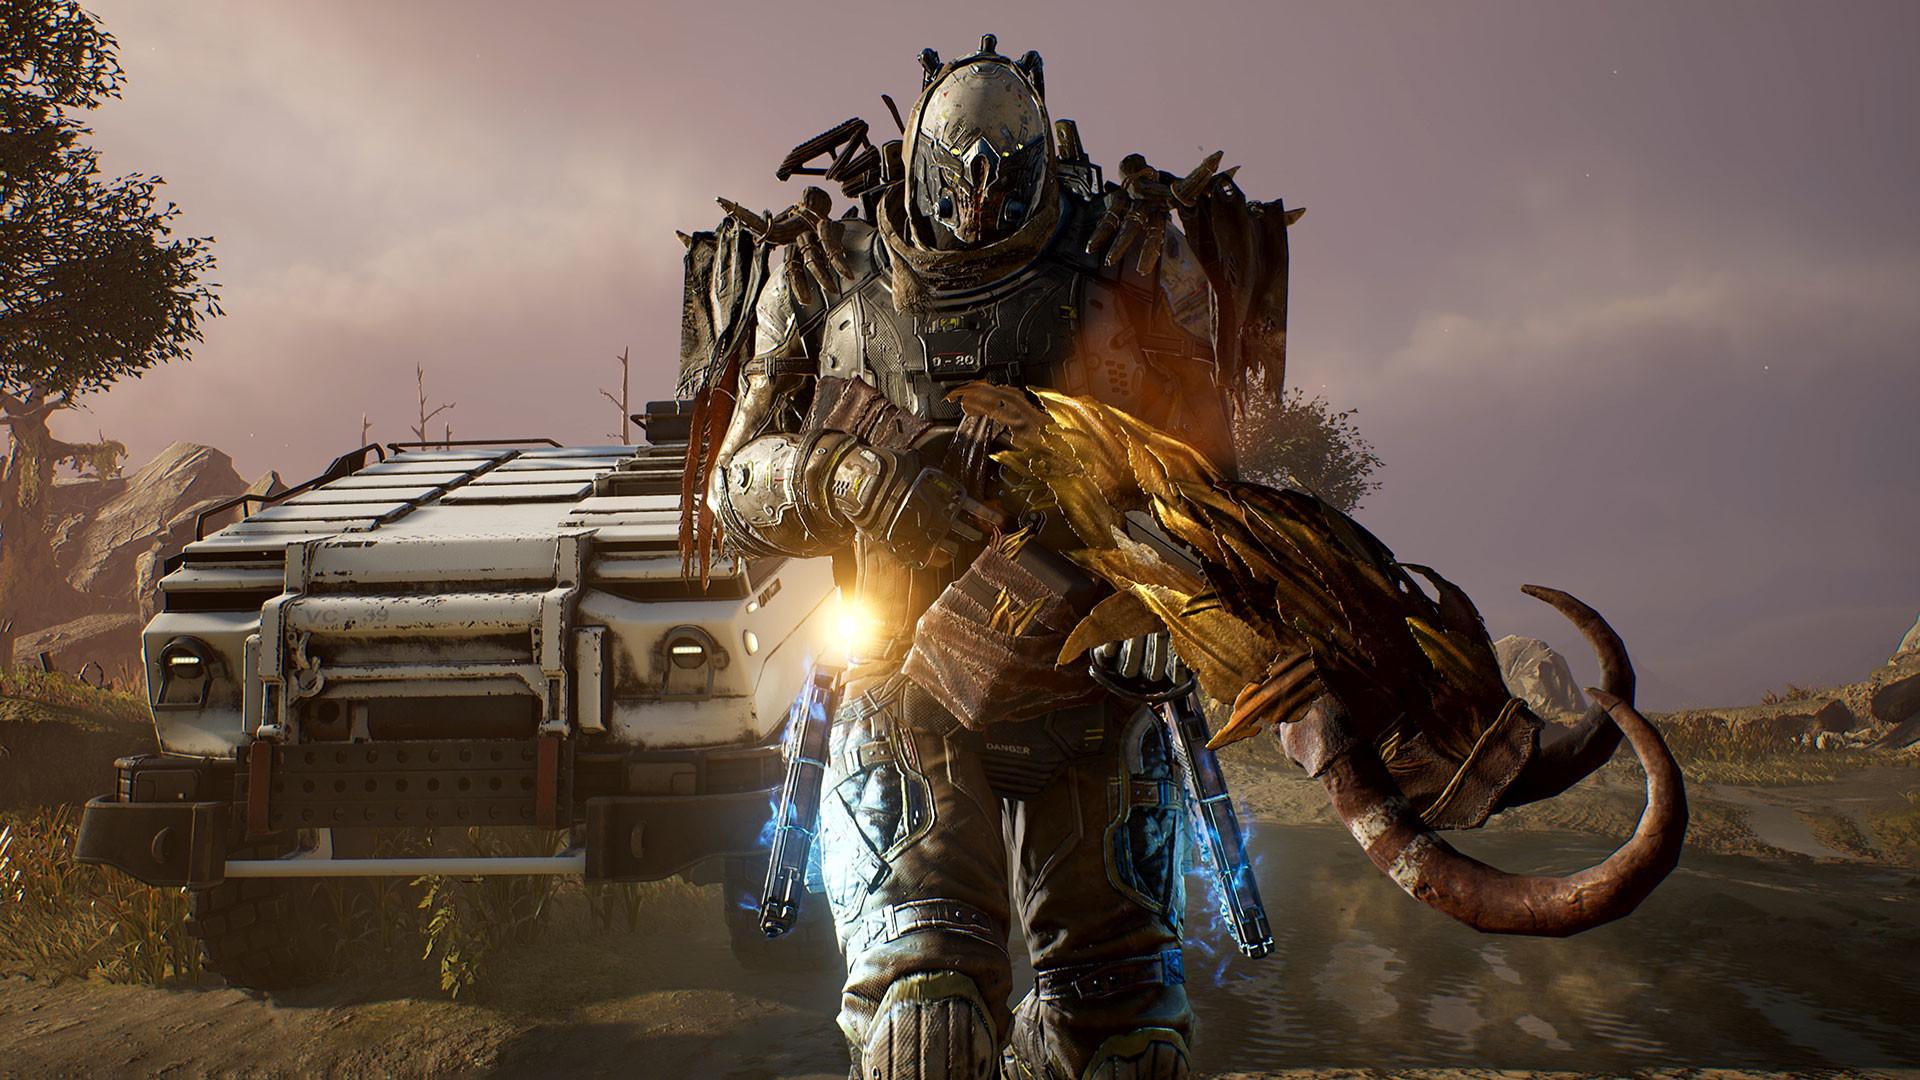 Еженедельный чарт Steam: Outriders по-прежнему первая, а Forza Horizon 4 вернулась в тройку лидеров